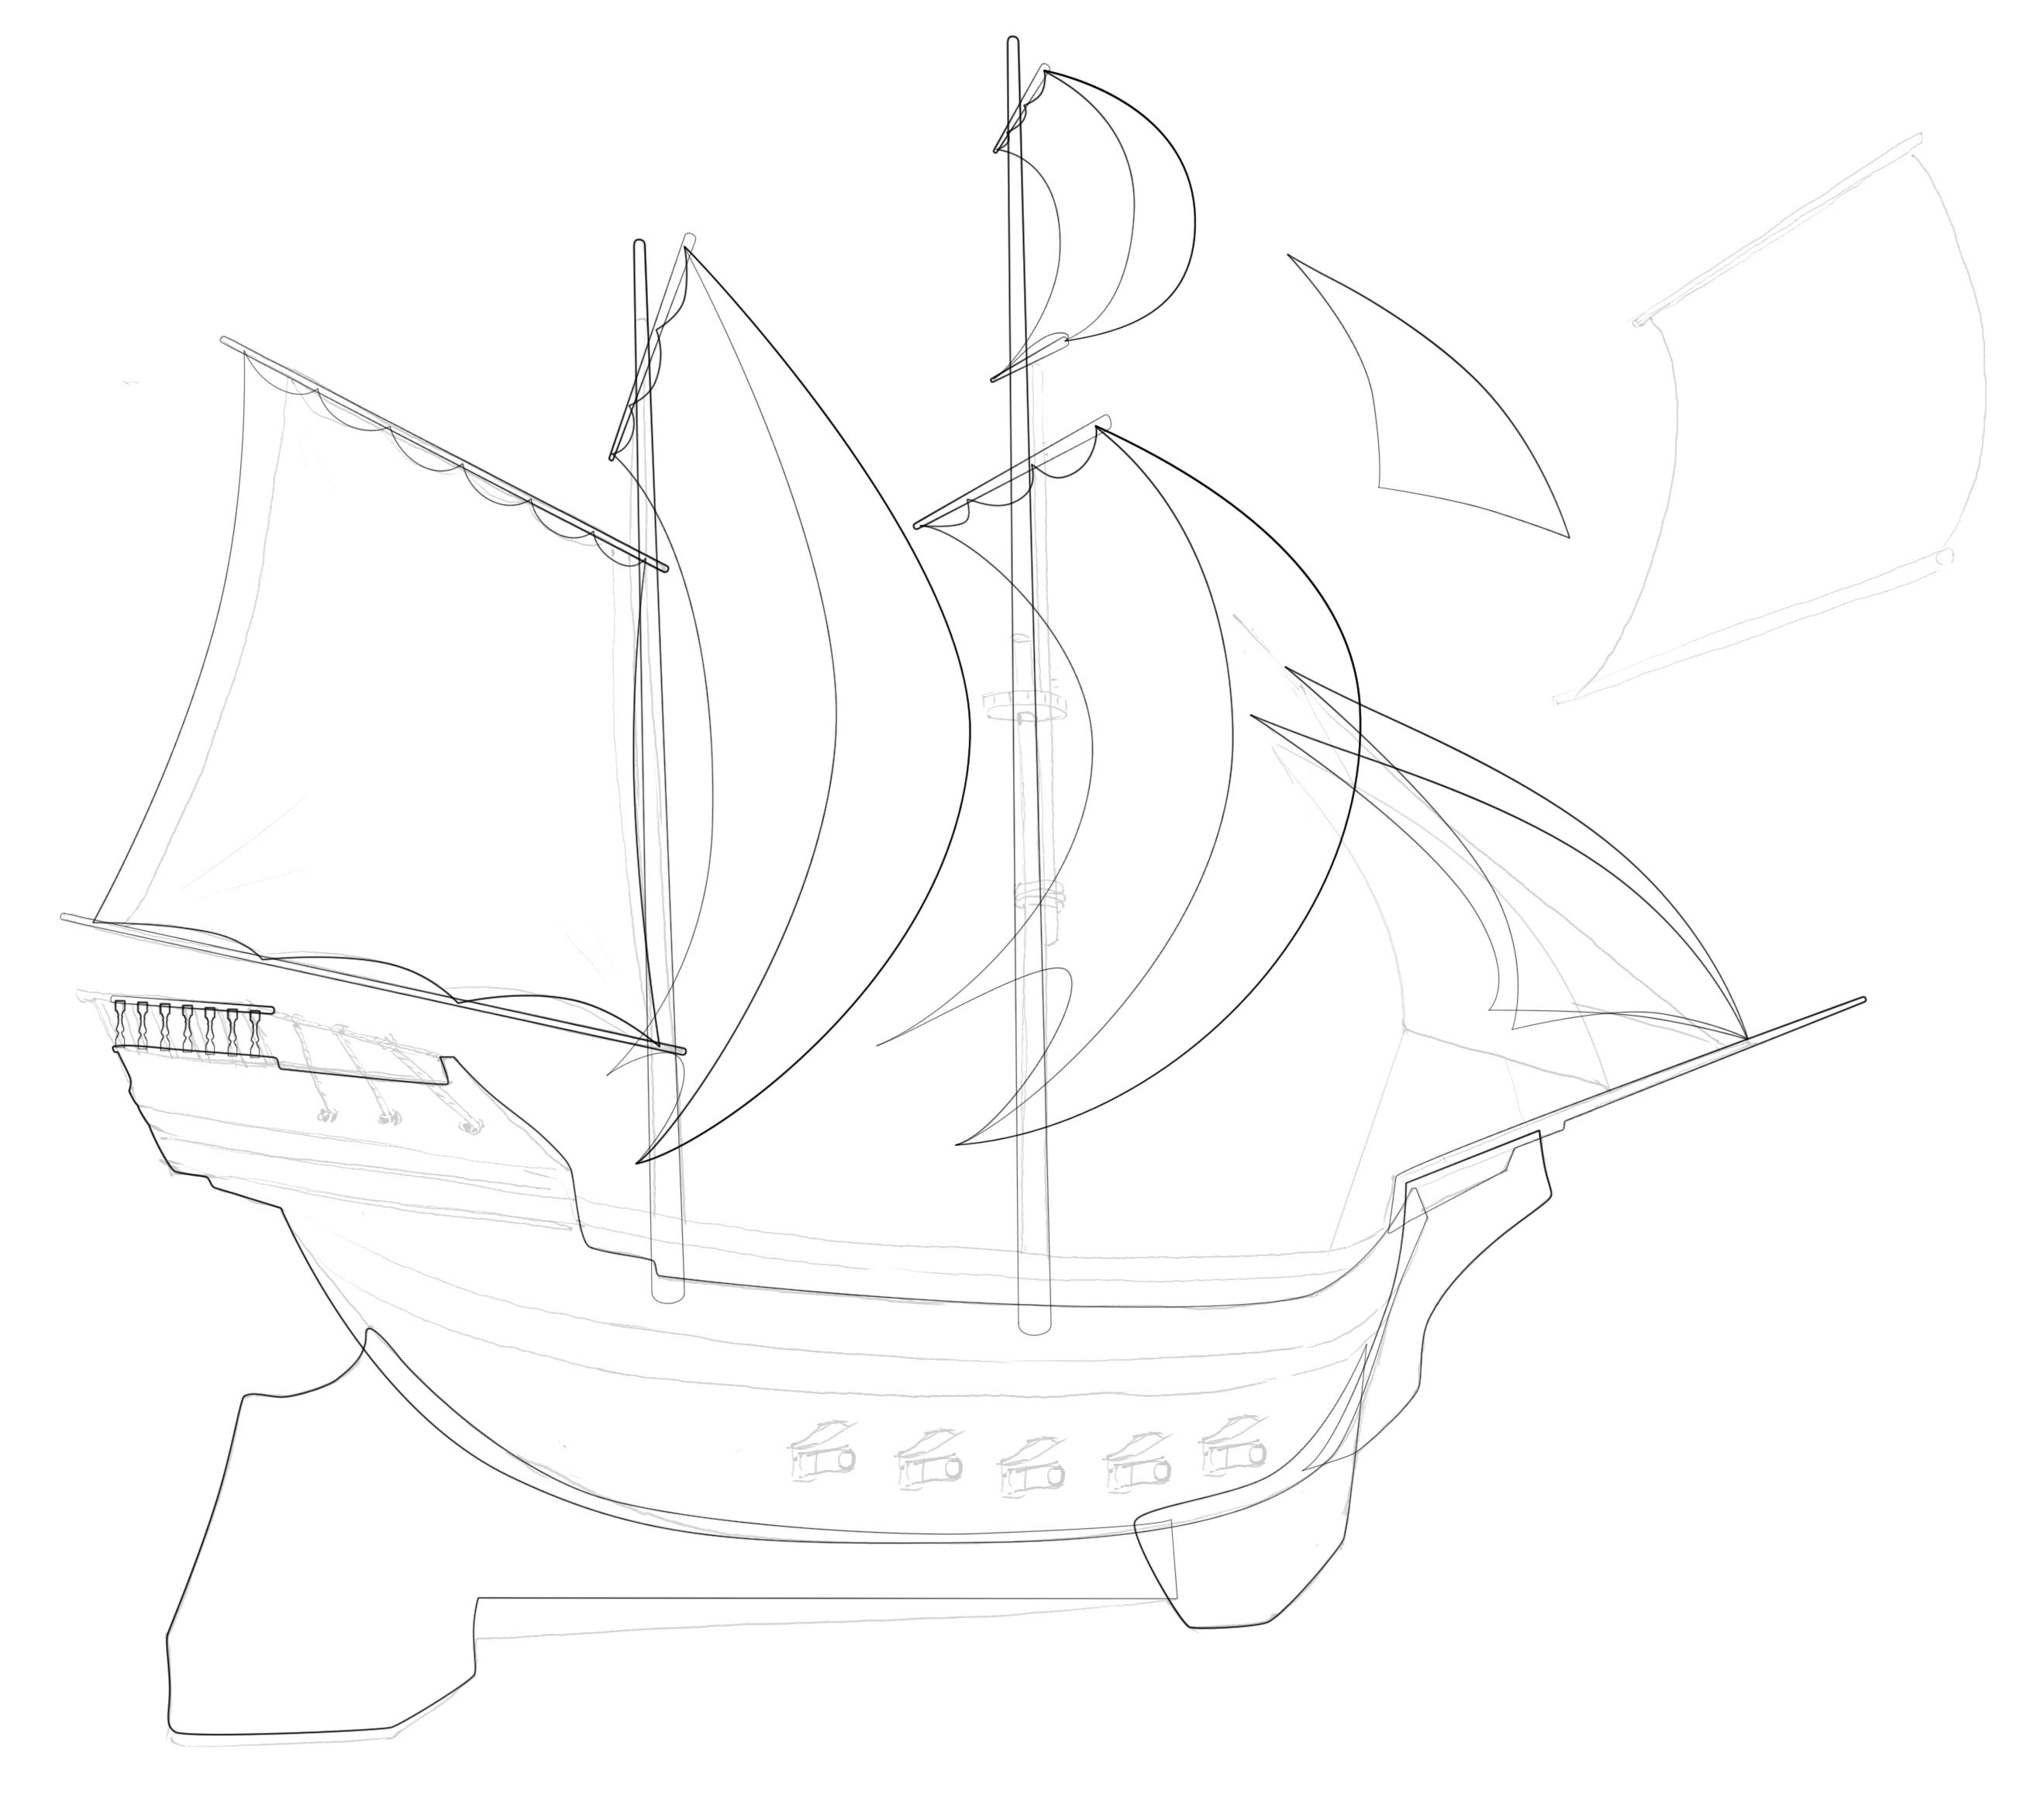 Pirate Ship 1 - Initial